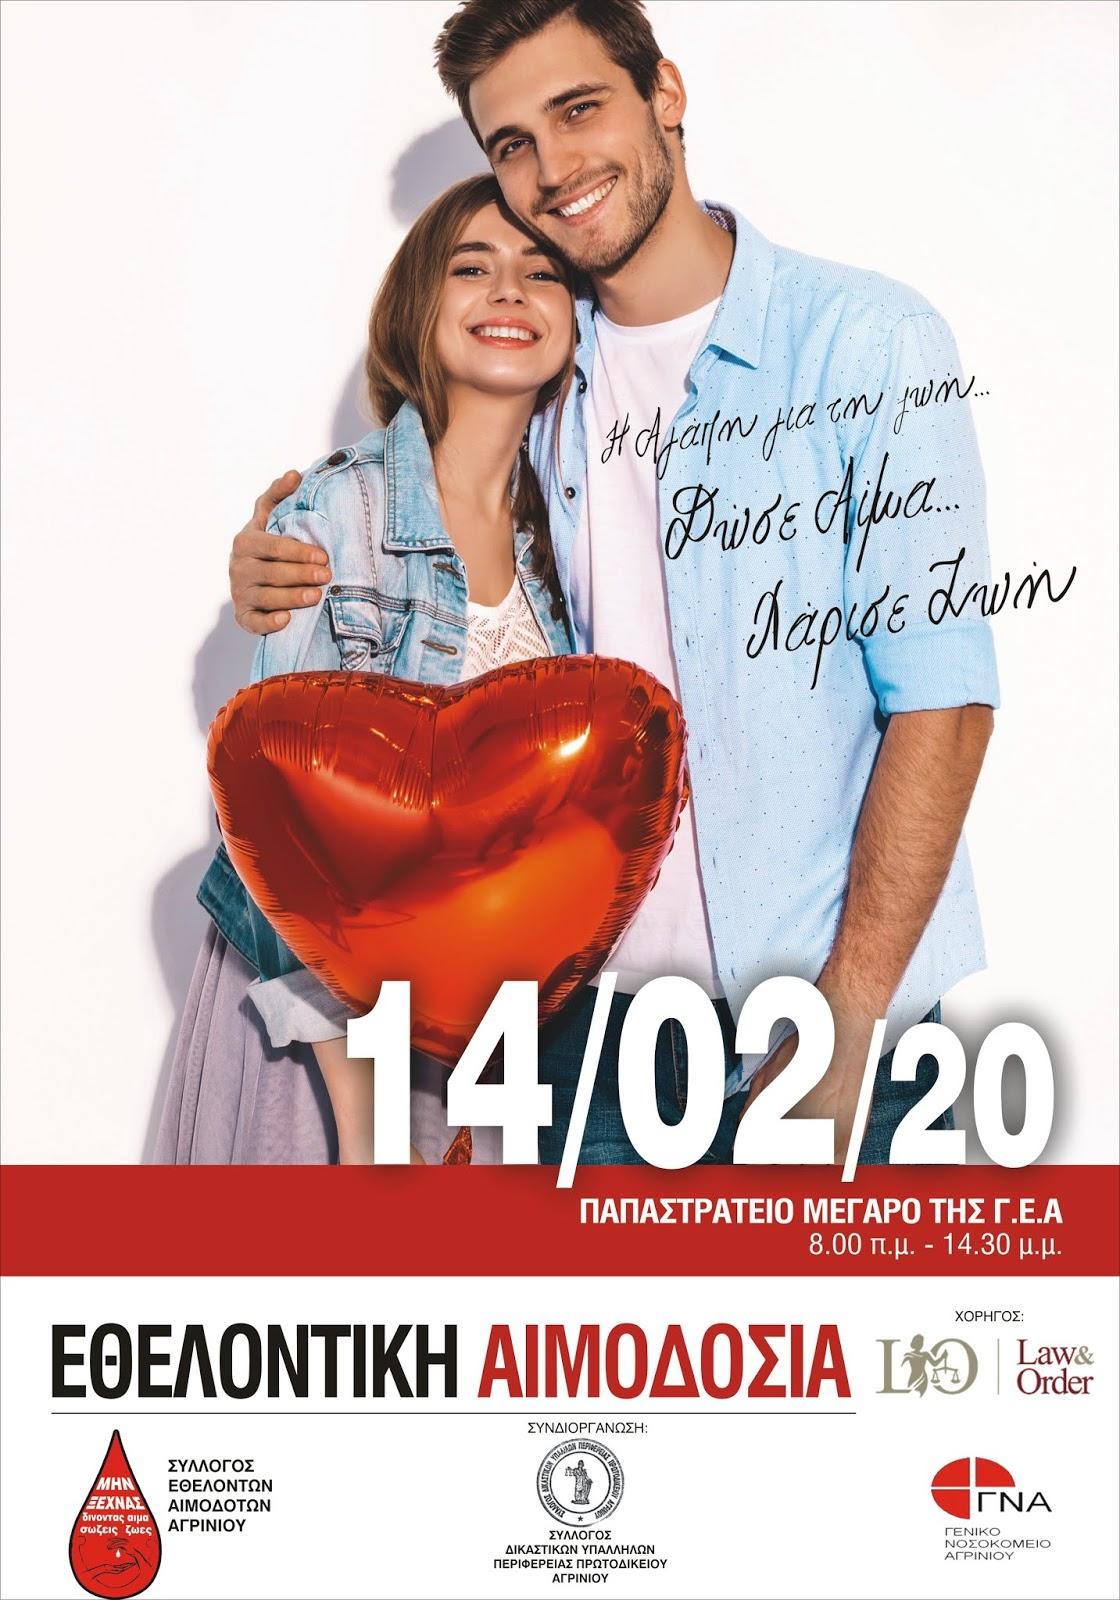 """14η Φεβρουαρίου στο Αγρίνιο: κάλεσμα στους """"ερωτευμένους με τη ζωή"""" να προσφέρουν αίμα"""